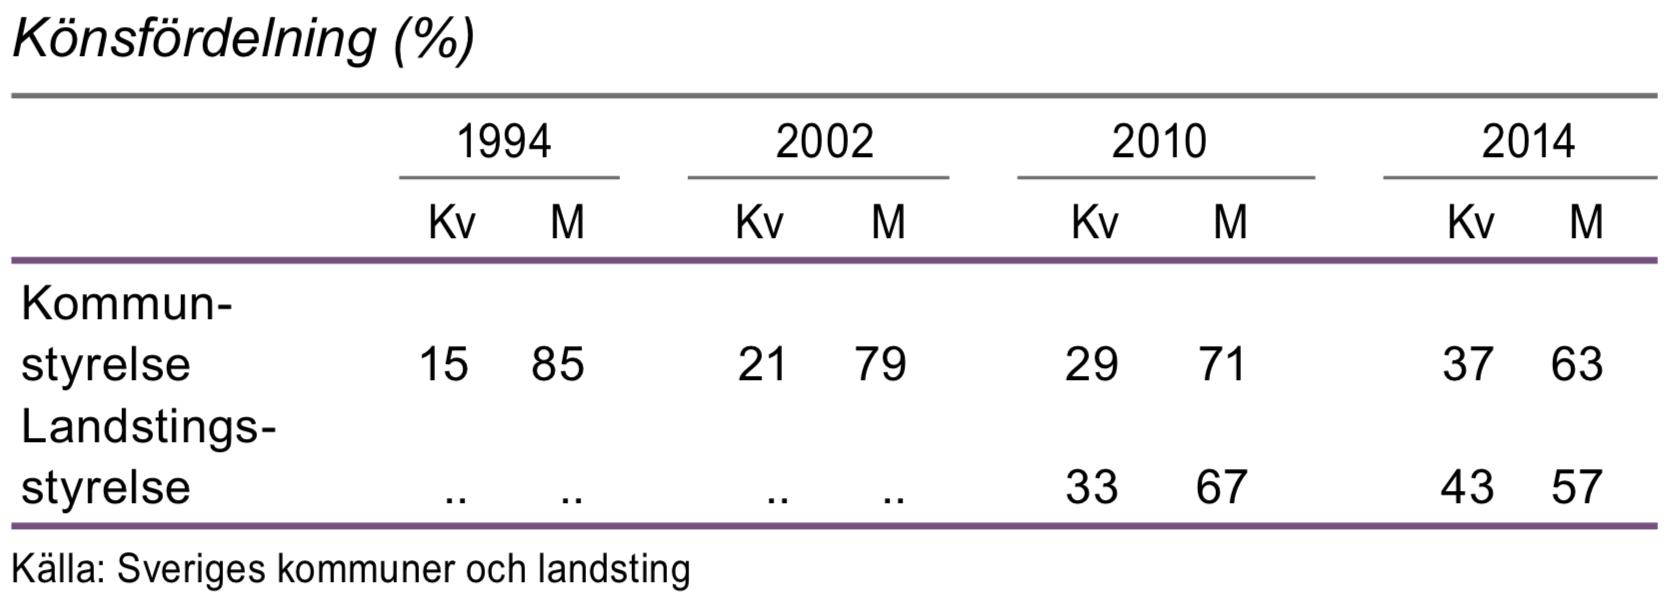 Kommun och landstingsstyrelsers ordförande 1994, 2002, 2010 och 2014